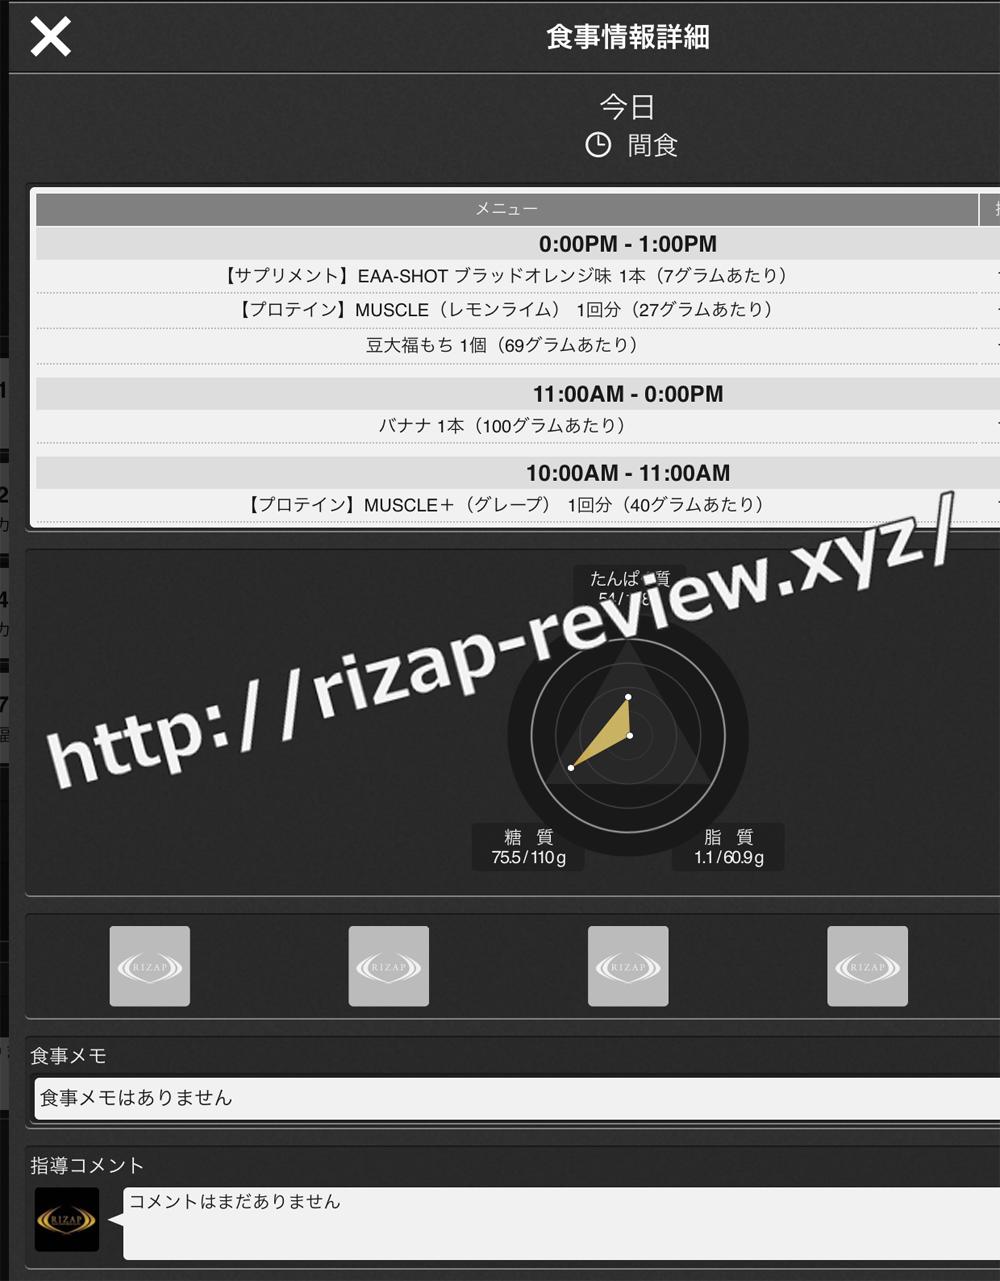 2018.12.20(木)ライザップ流の間食